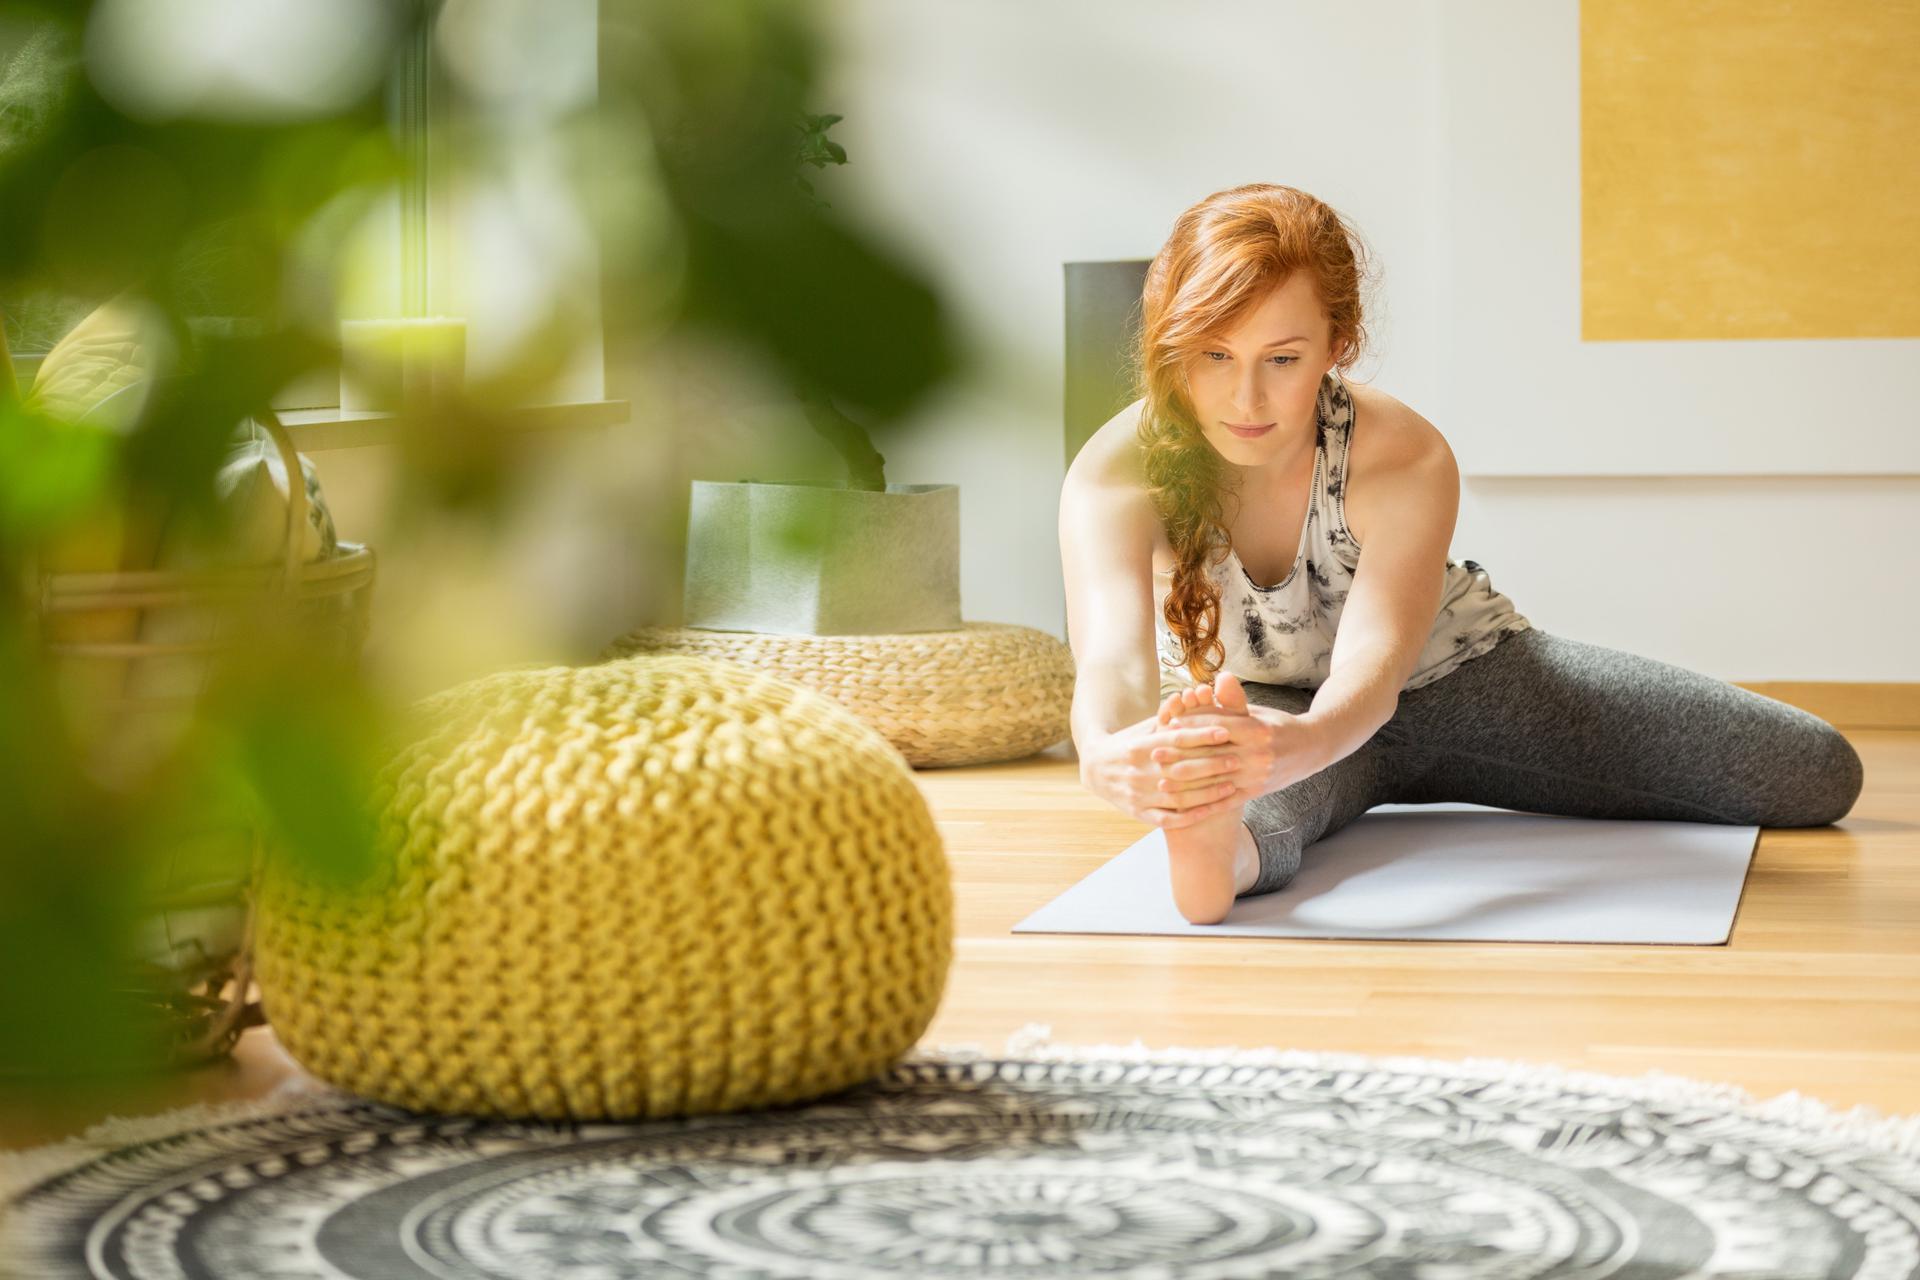 How to Set Up a Home Gym for Yoga, Cardio & More